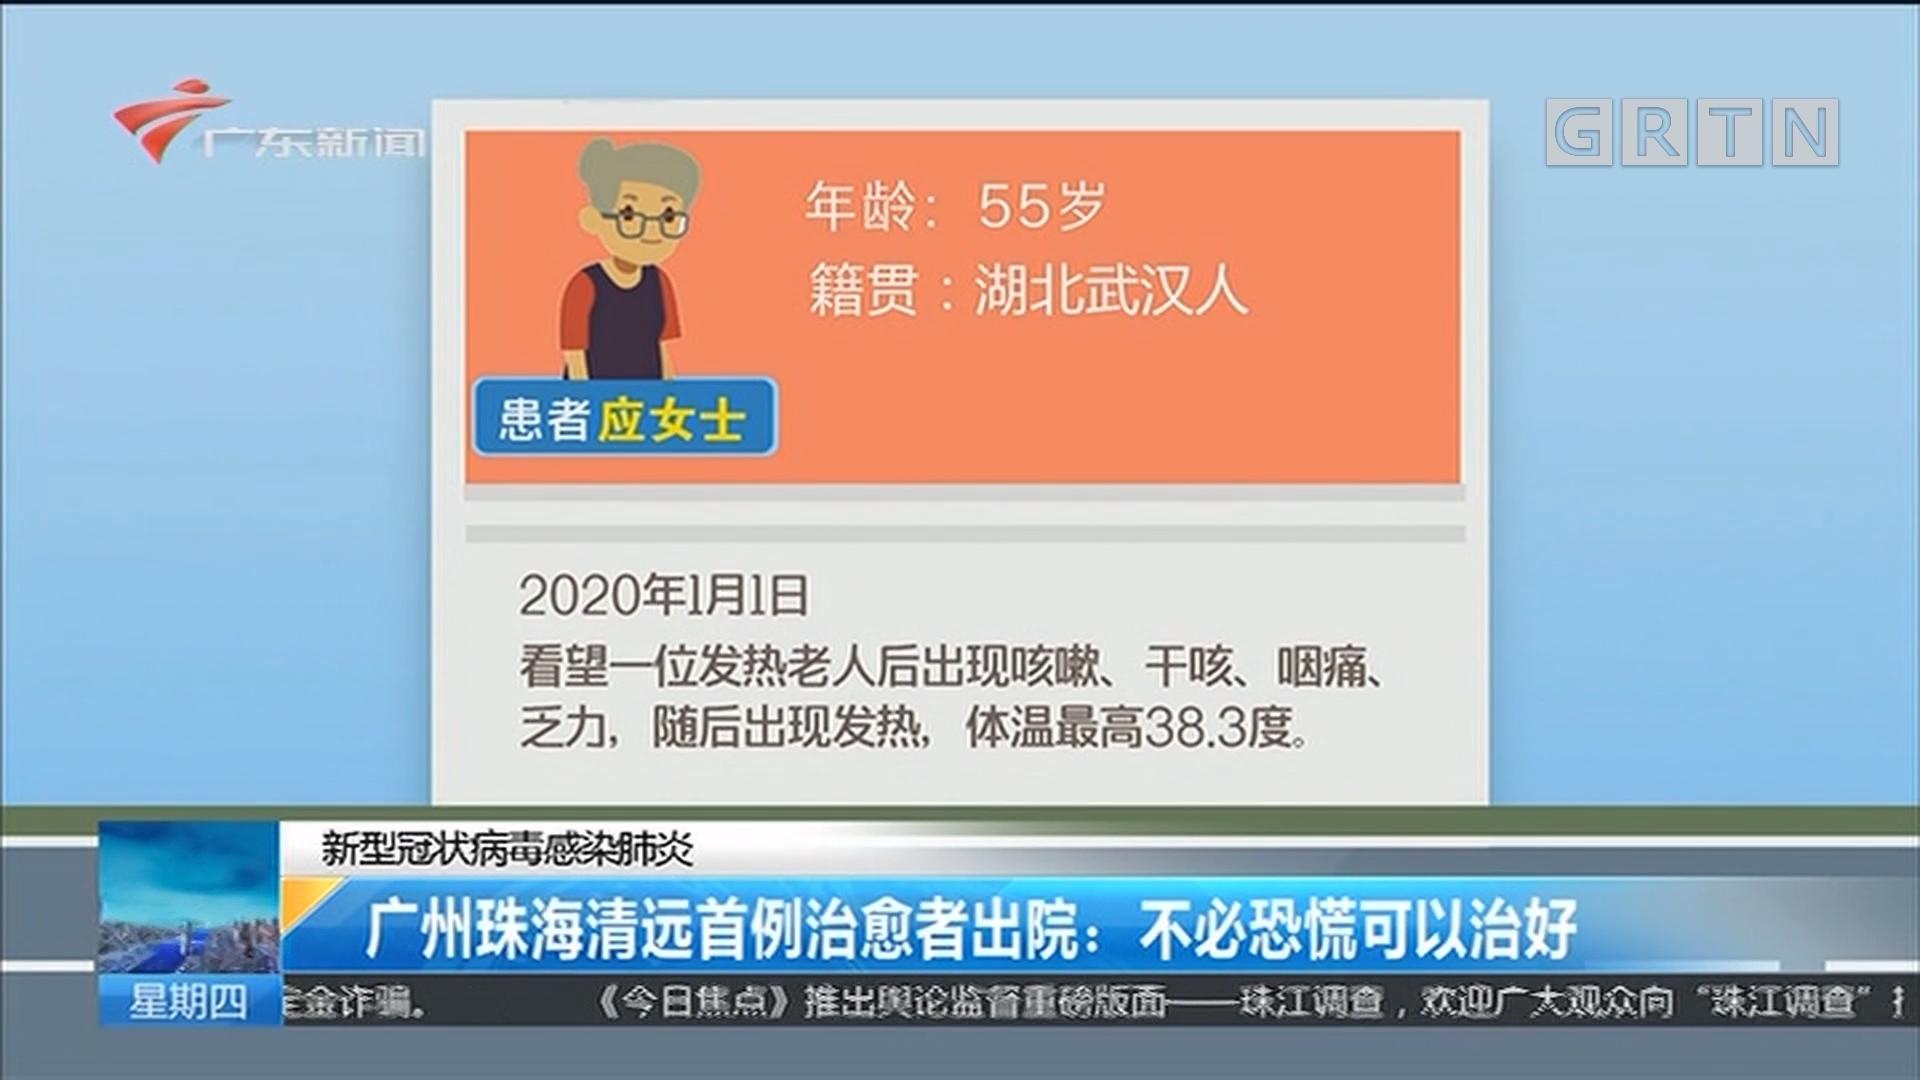 新型冠状病毒感染肺炎 广州珠海清远首例治愈者出院:不必恐慌可以治好